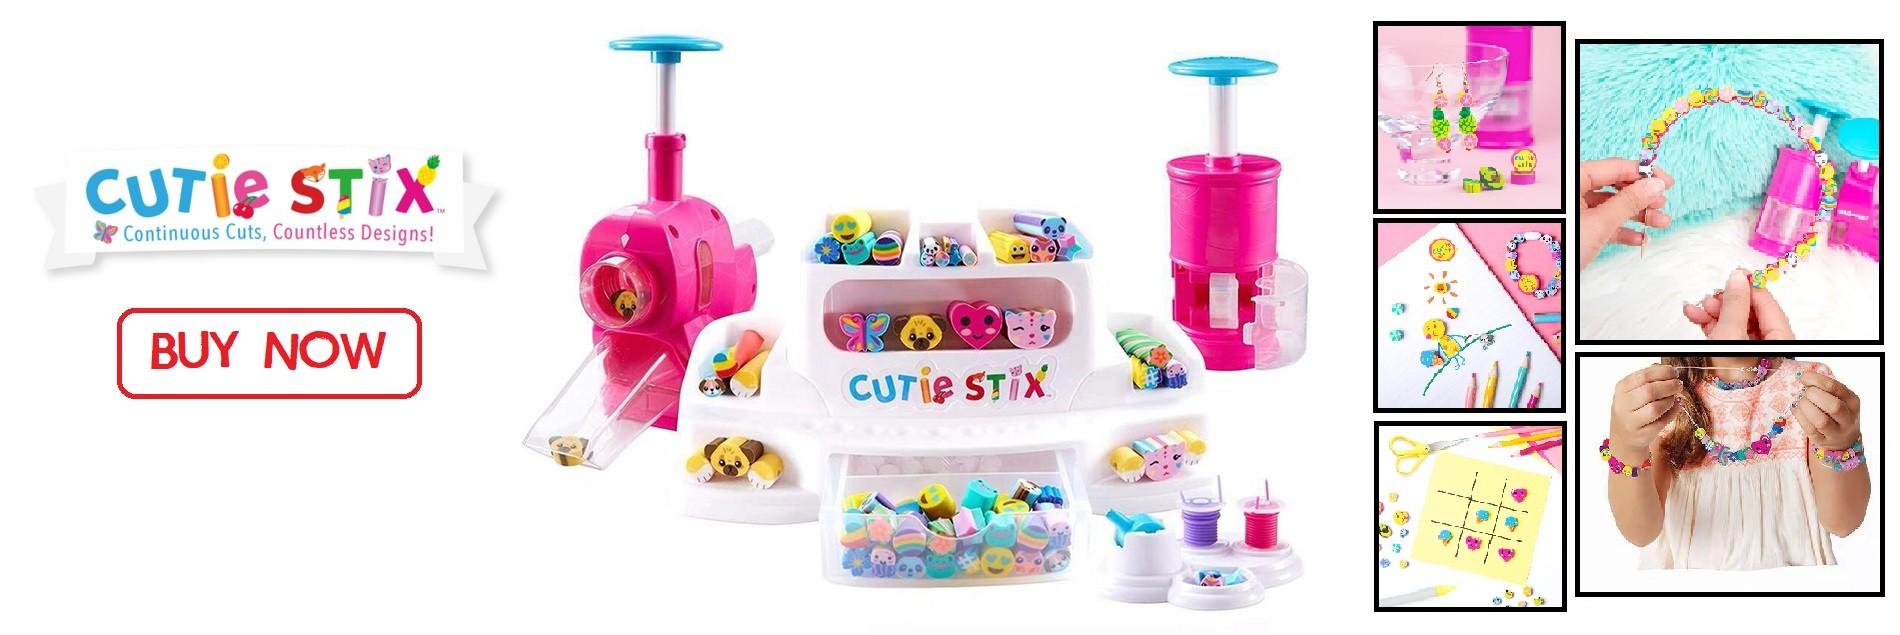 Cutie Stix DIY Accessories